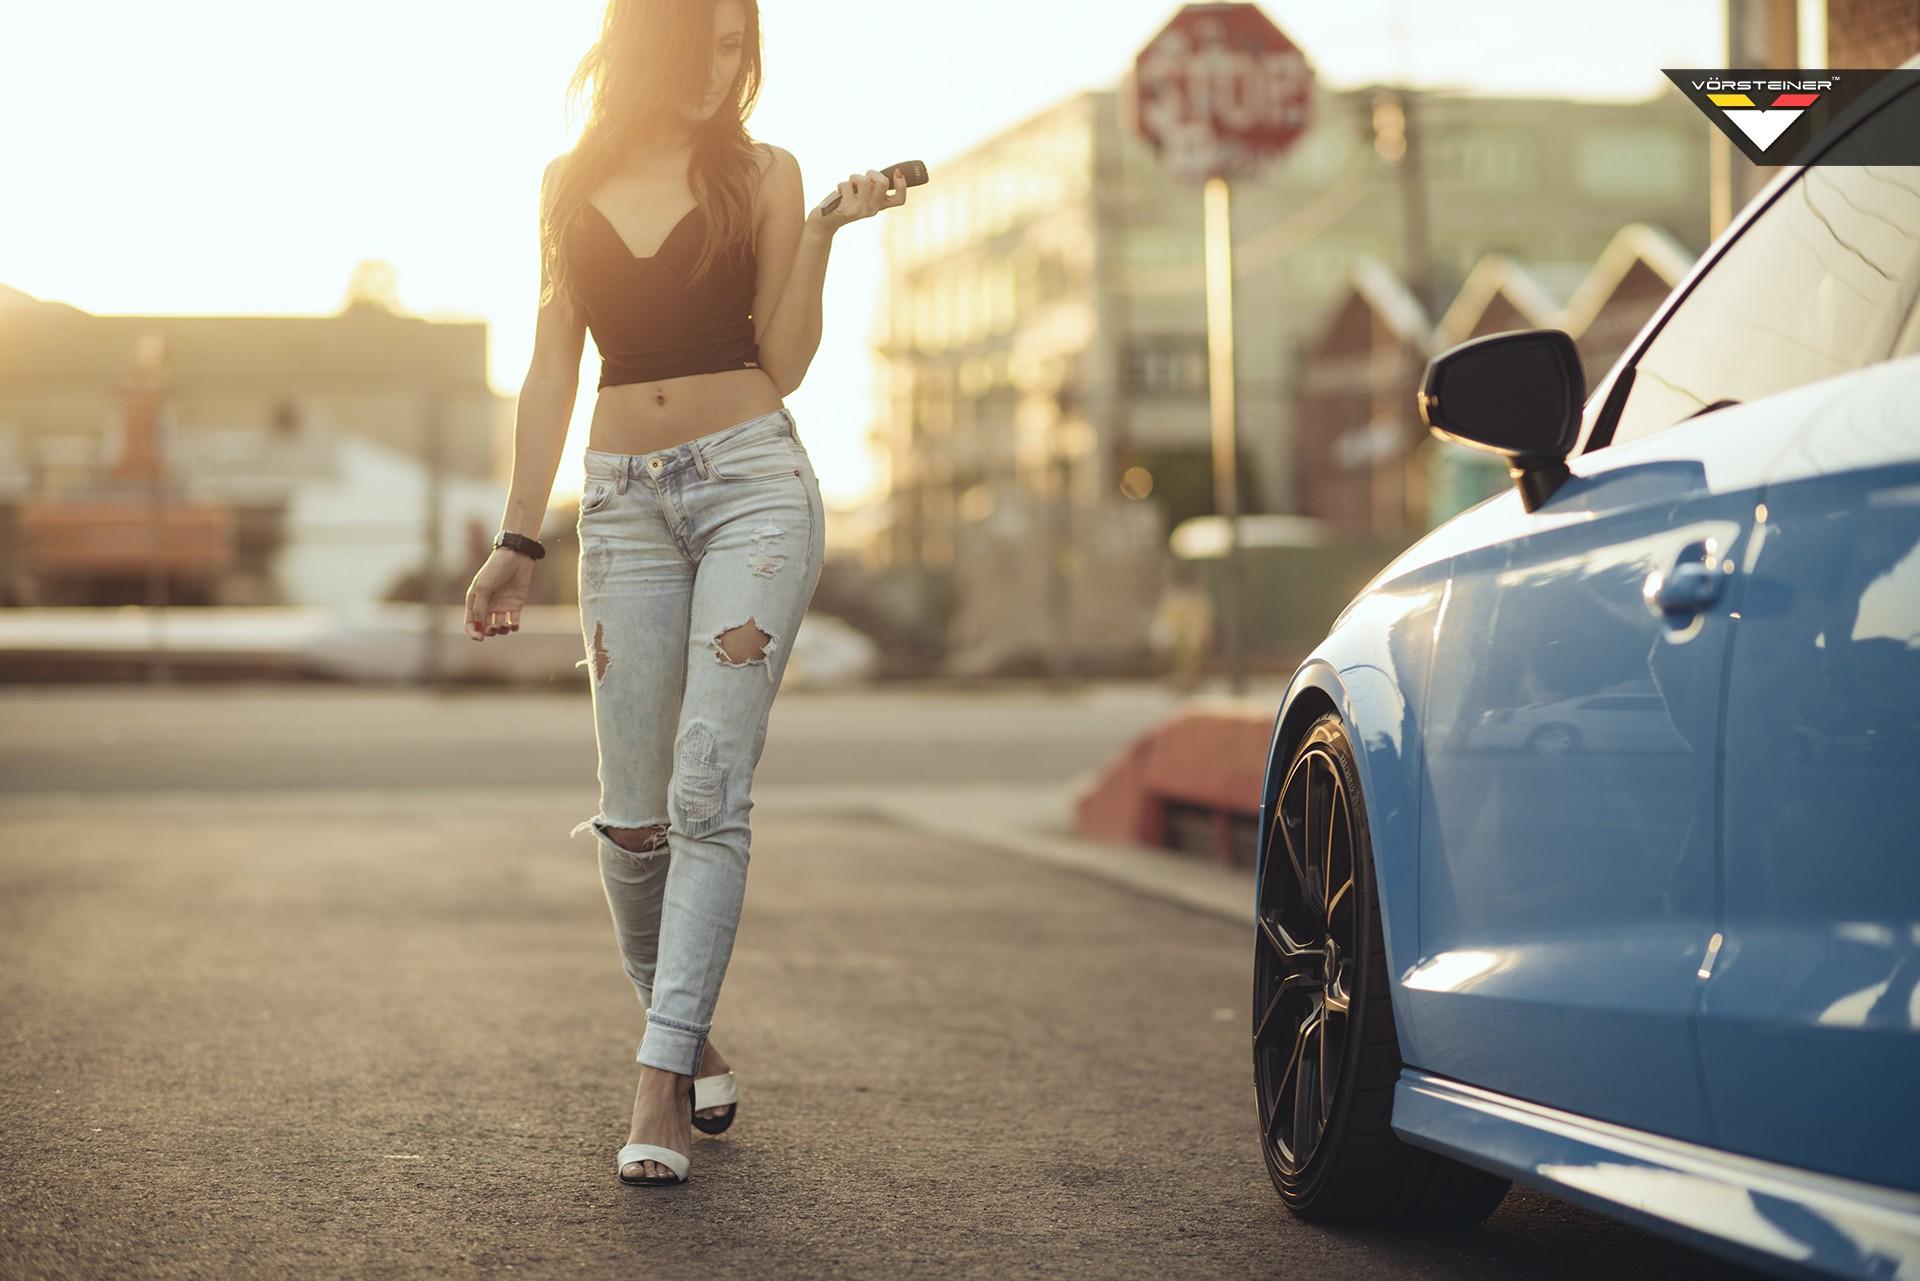 Sky Blue Audi S3 Sedan On Vorsteiner V Ff 103 Wheels In Car Girl Shoot Autoevolution